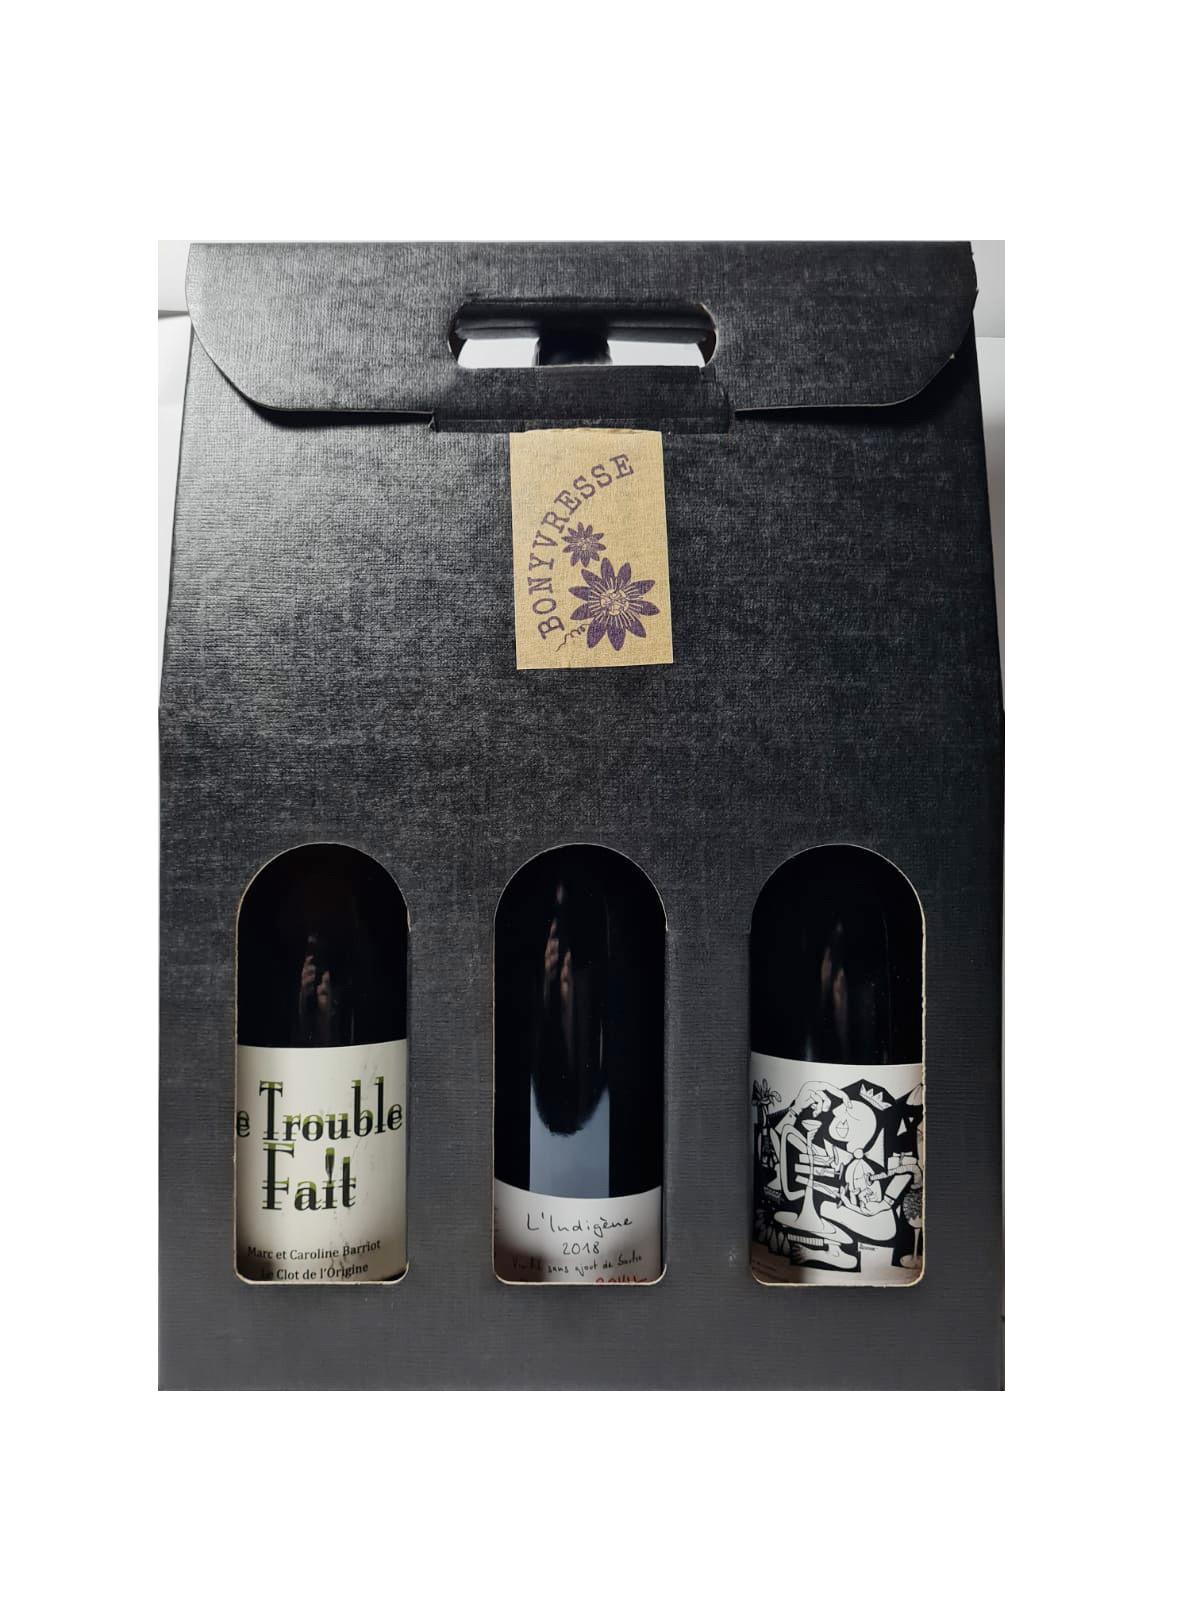 Coffret en carton gris anthracite comprenant trois bouteilles